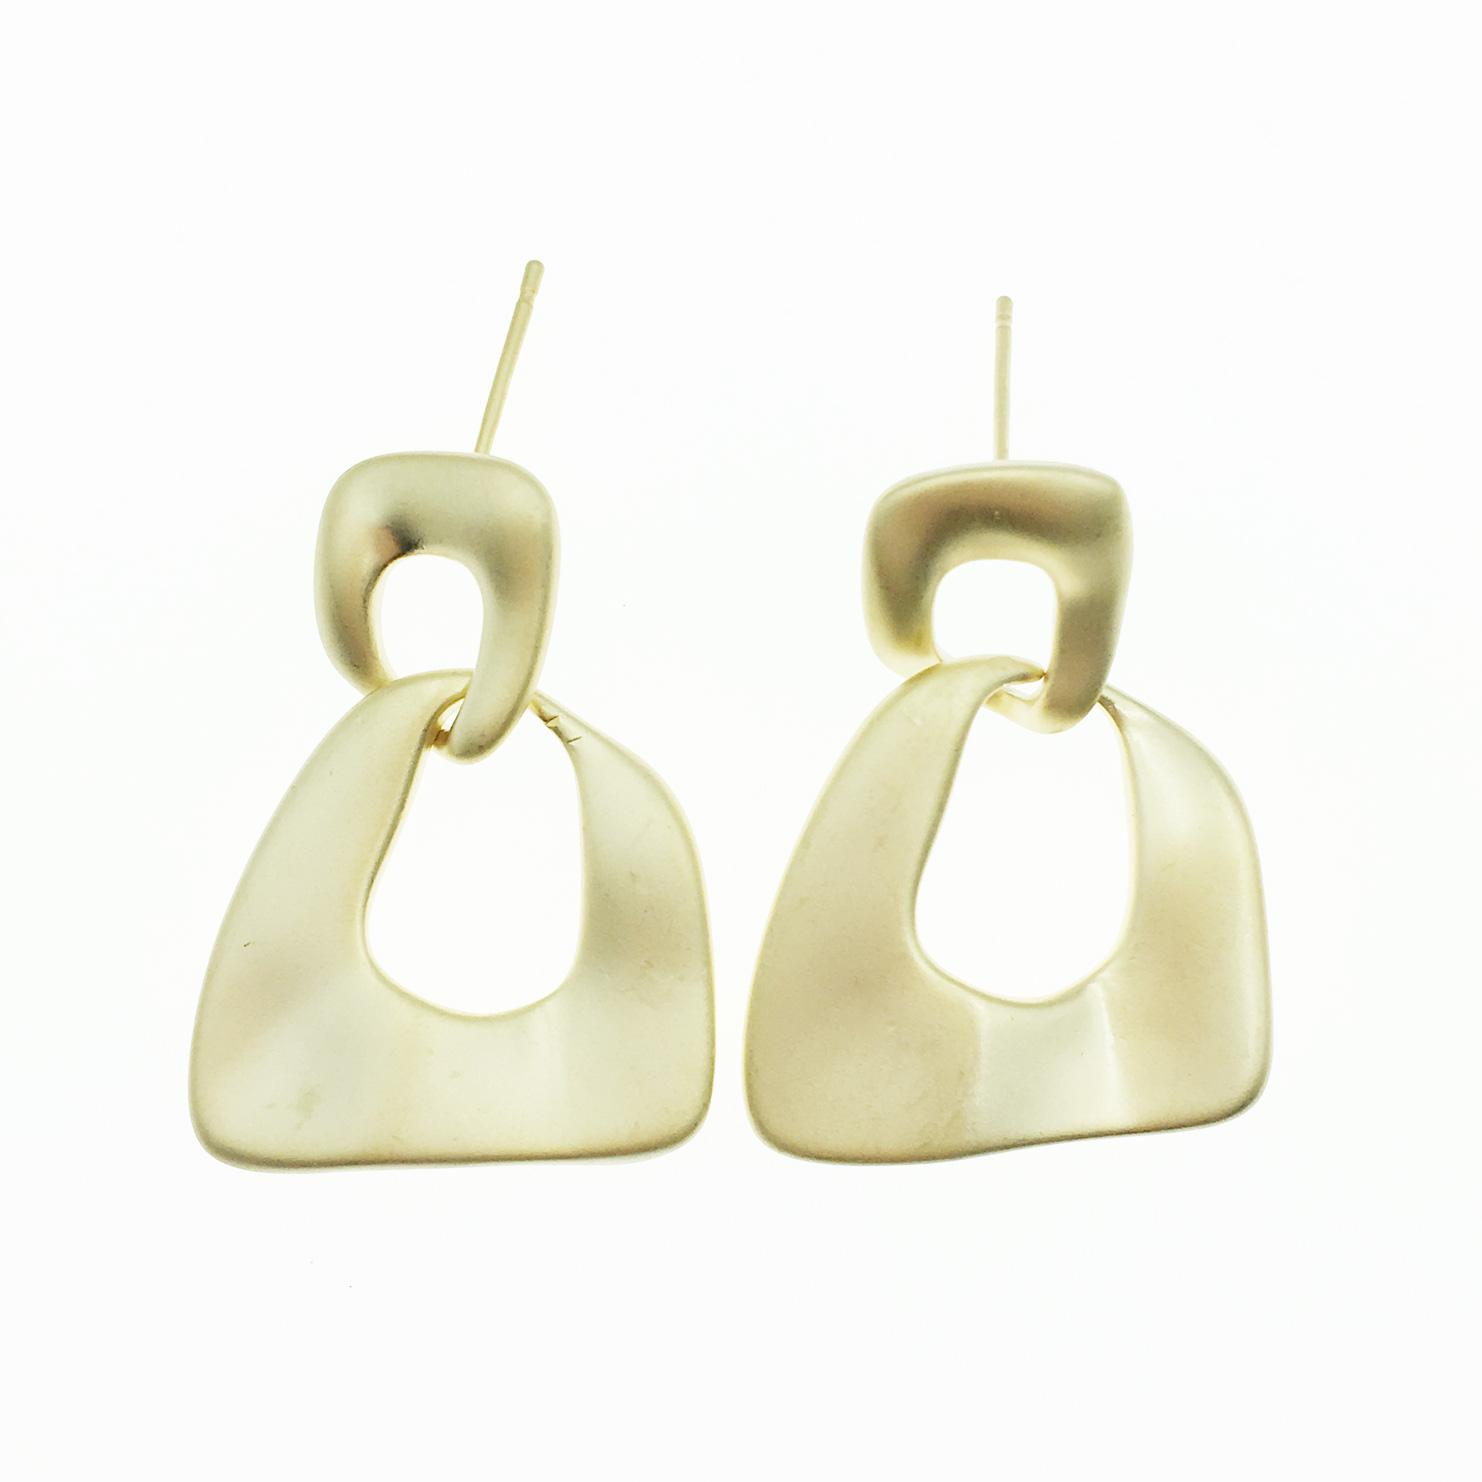 韓國 925純銀 不規則形 簍空 霧金 歐美金屬風 垂墜感 耳針式耳環